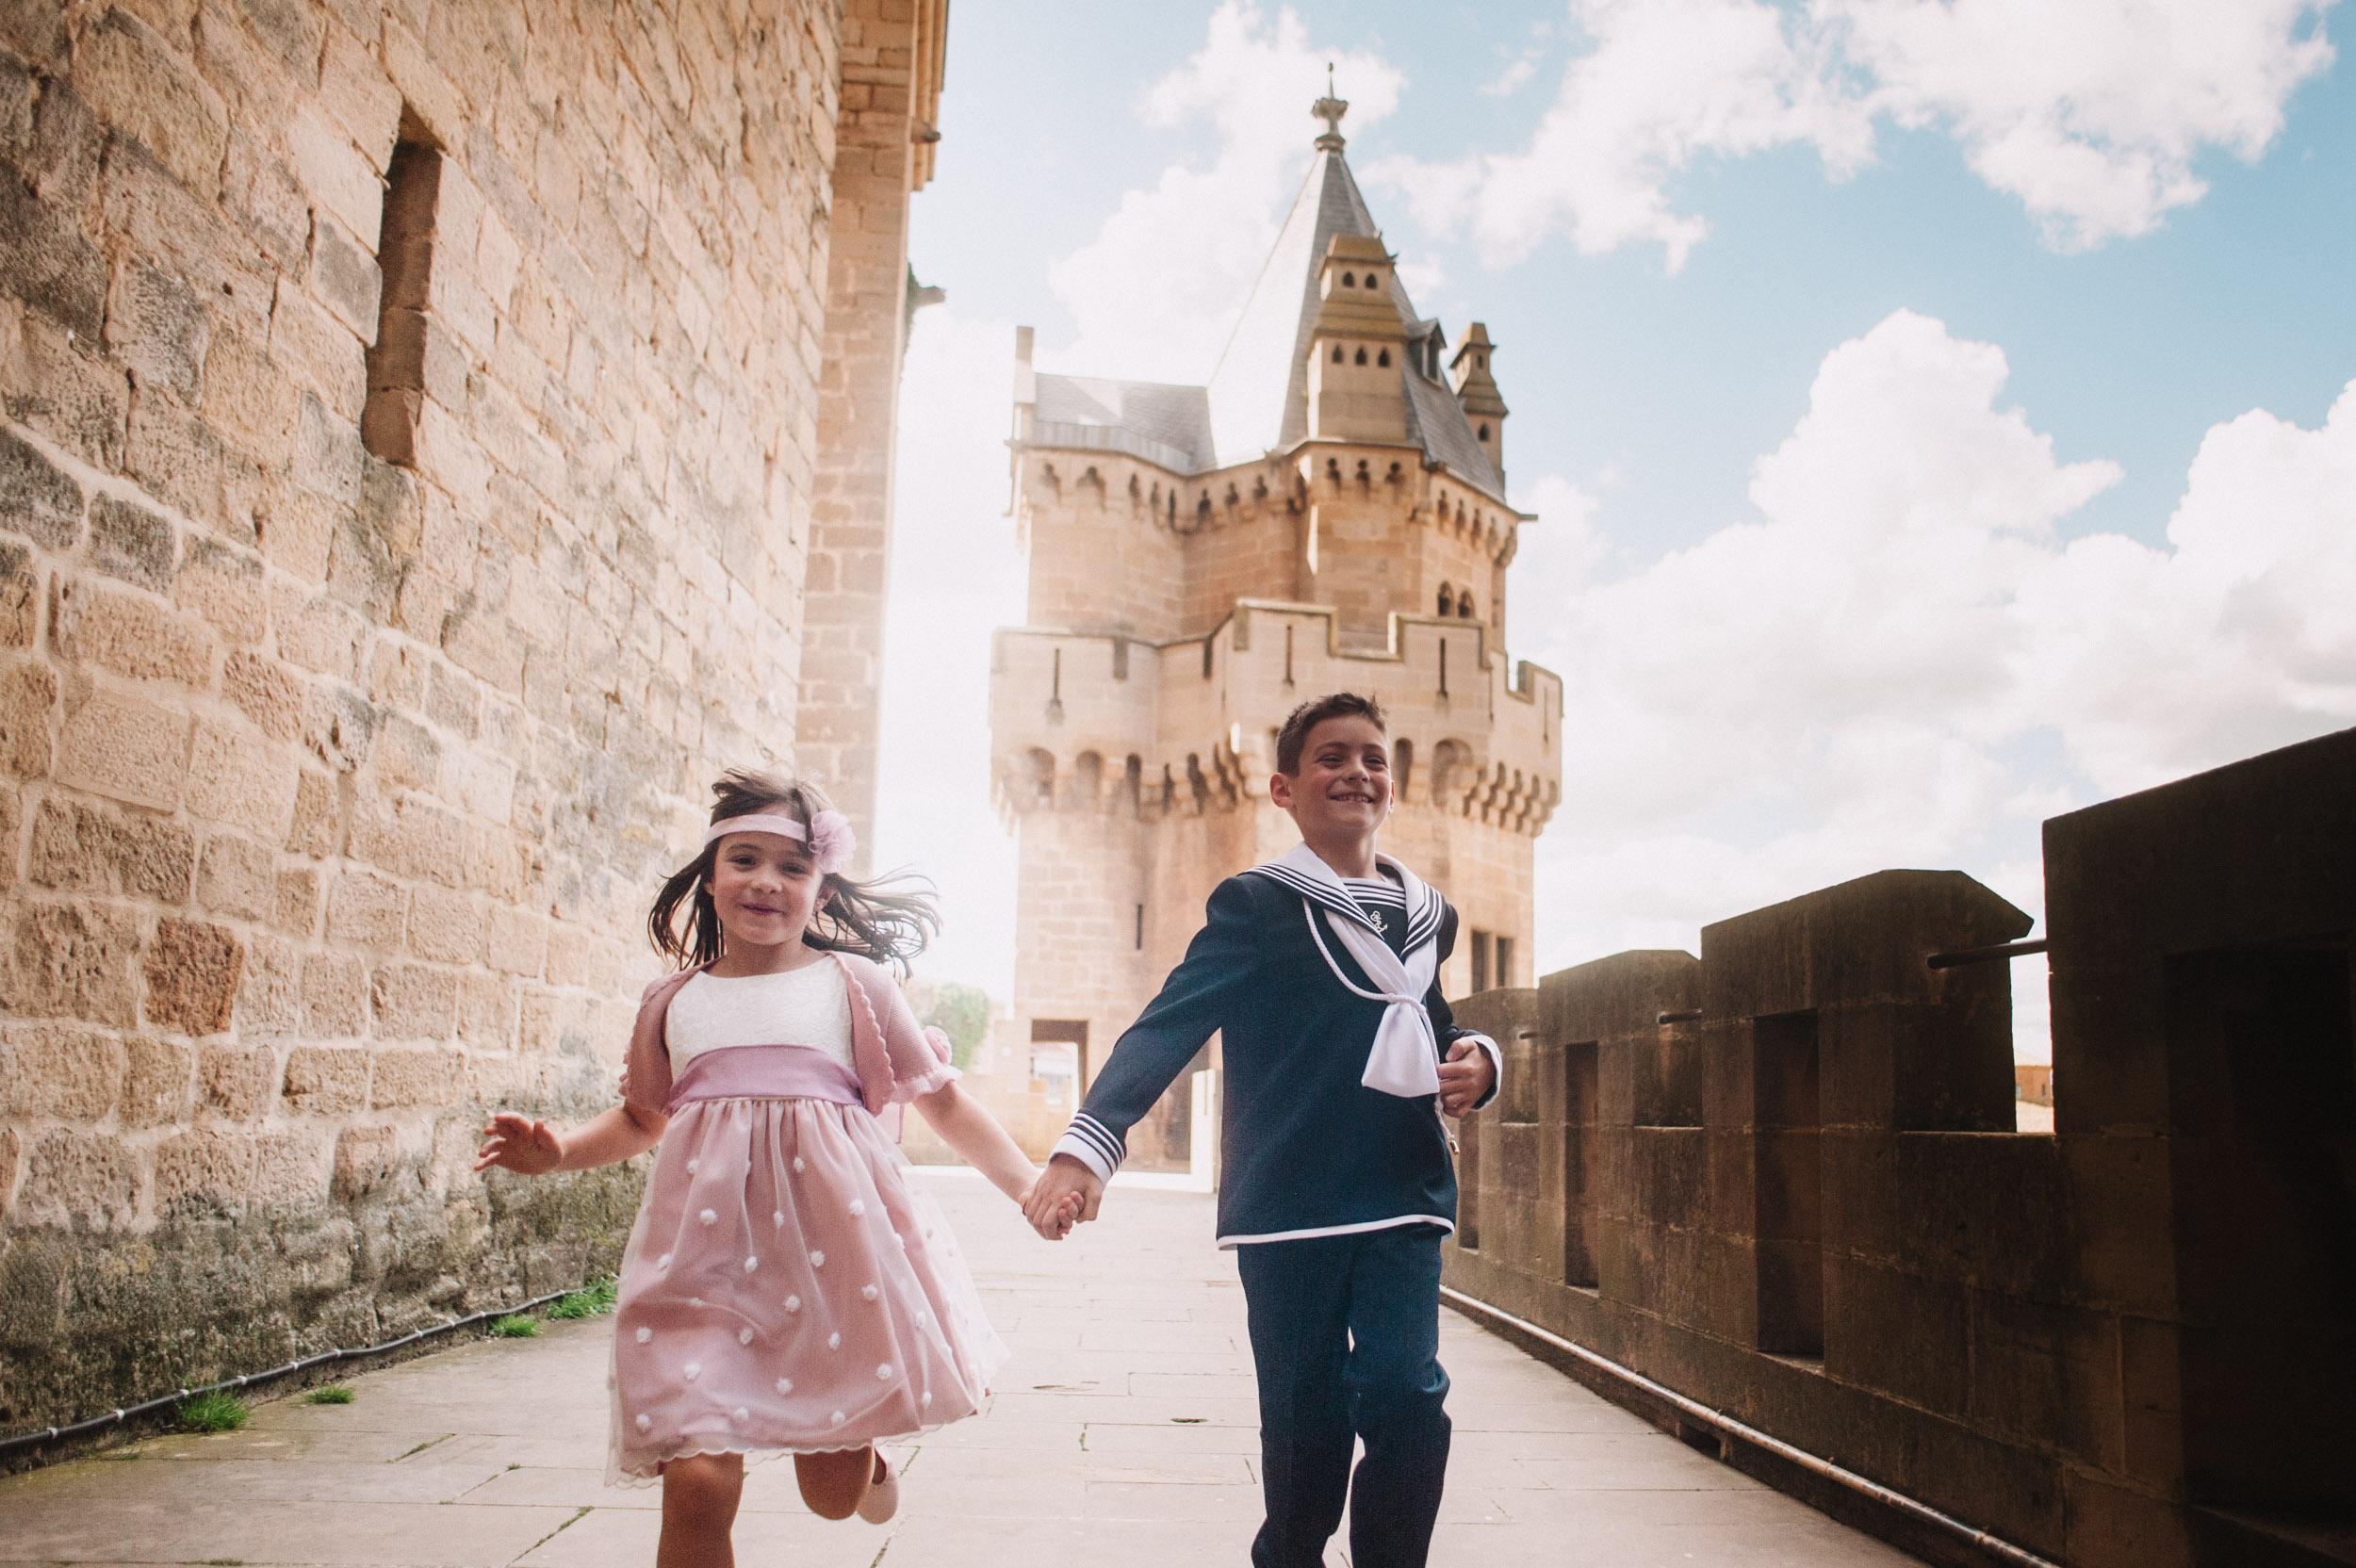 reportaje-comunion-ibai-castillo-olite-6112.jpg